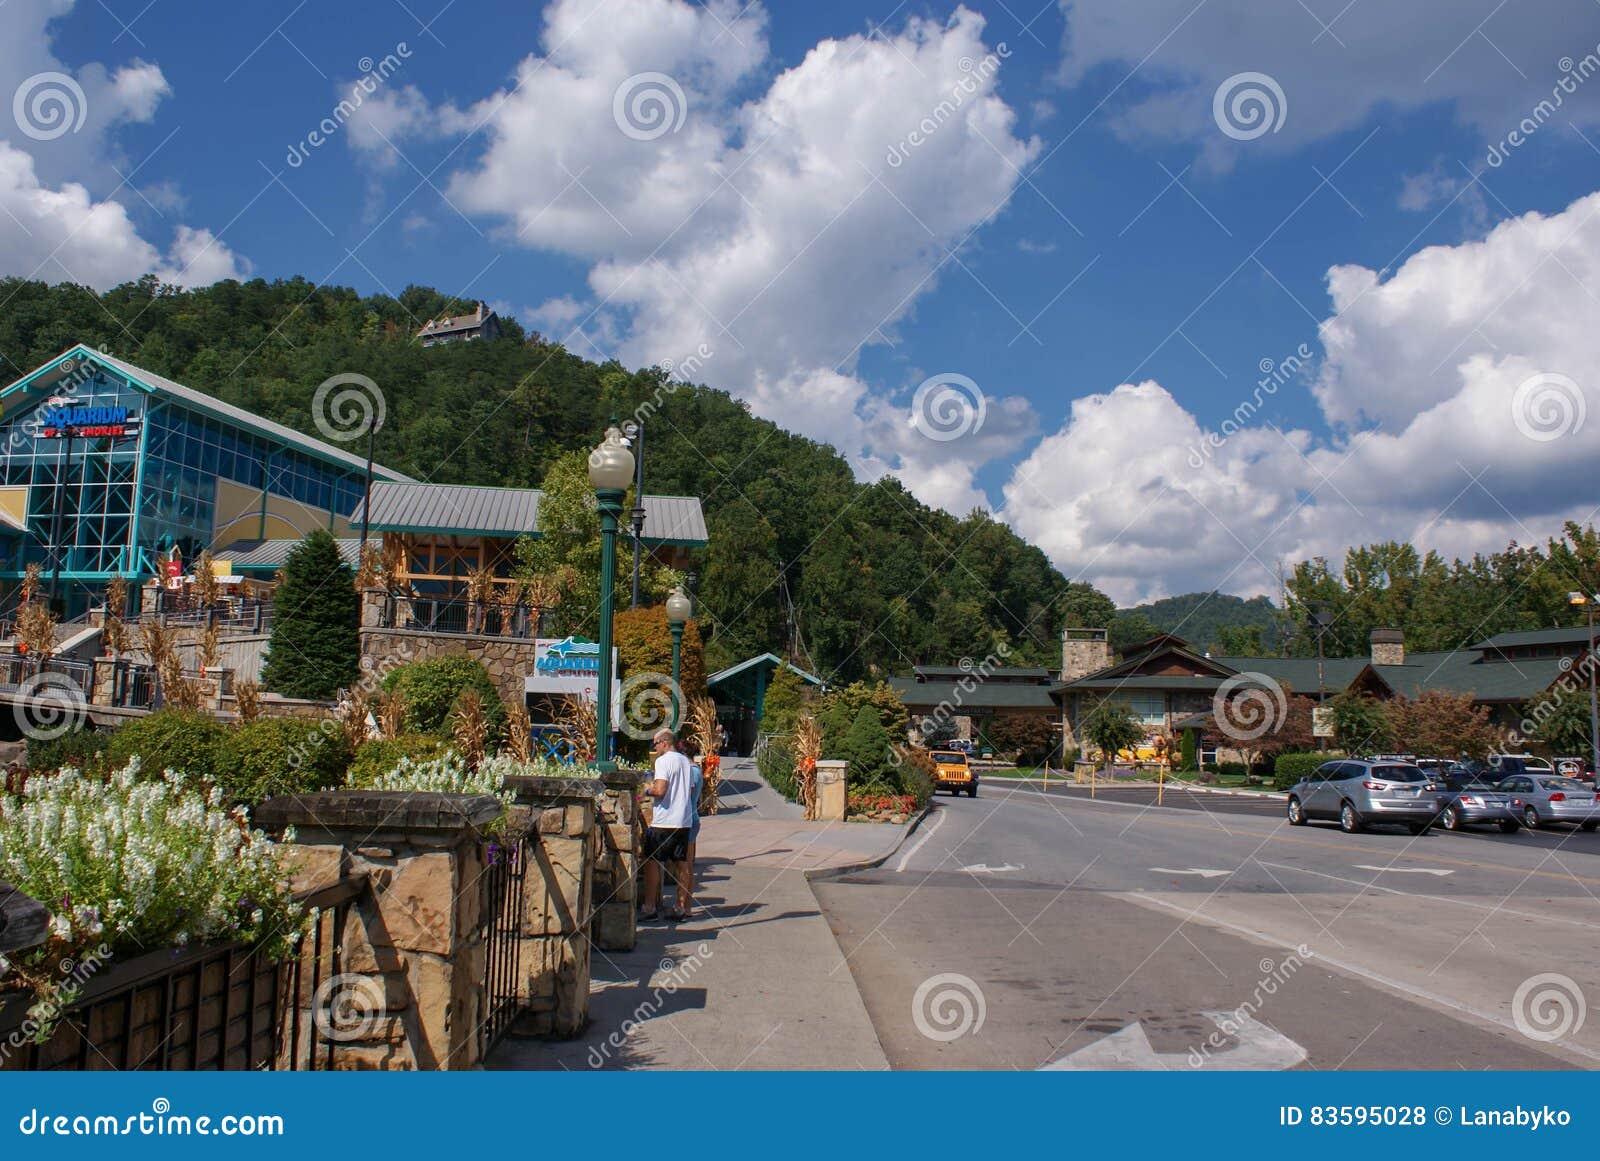 De stad in van de kleine stad van Gatlinburg en Rokerige Bergenlandschappen rond het - de hoogtepunten van het reizen in Tennesse